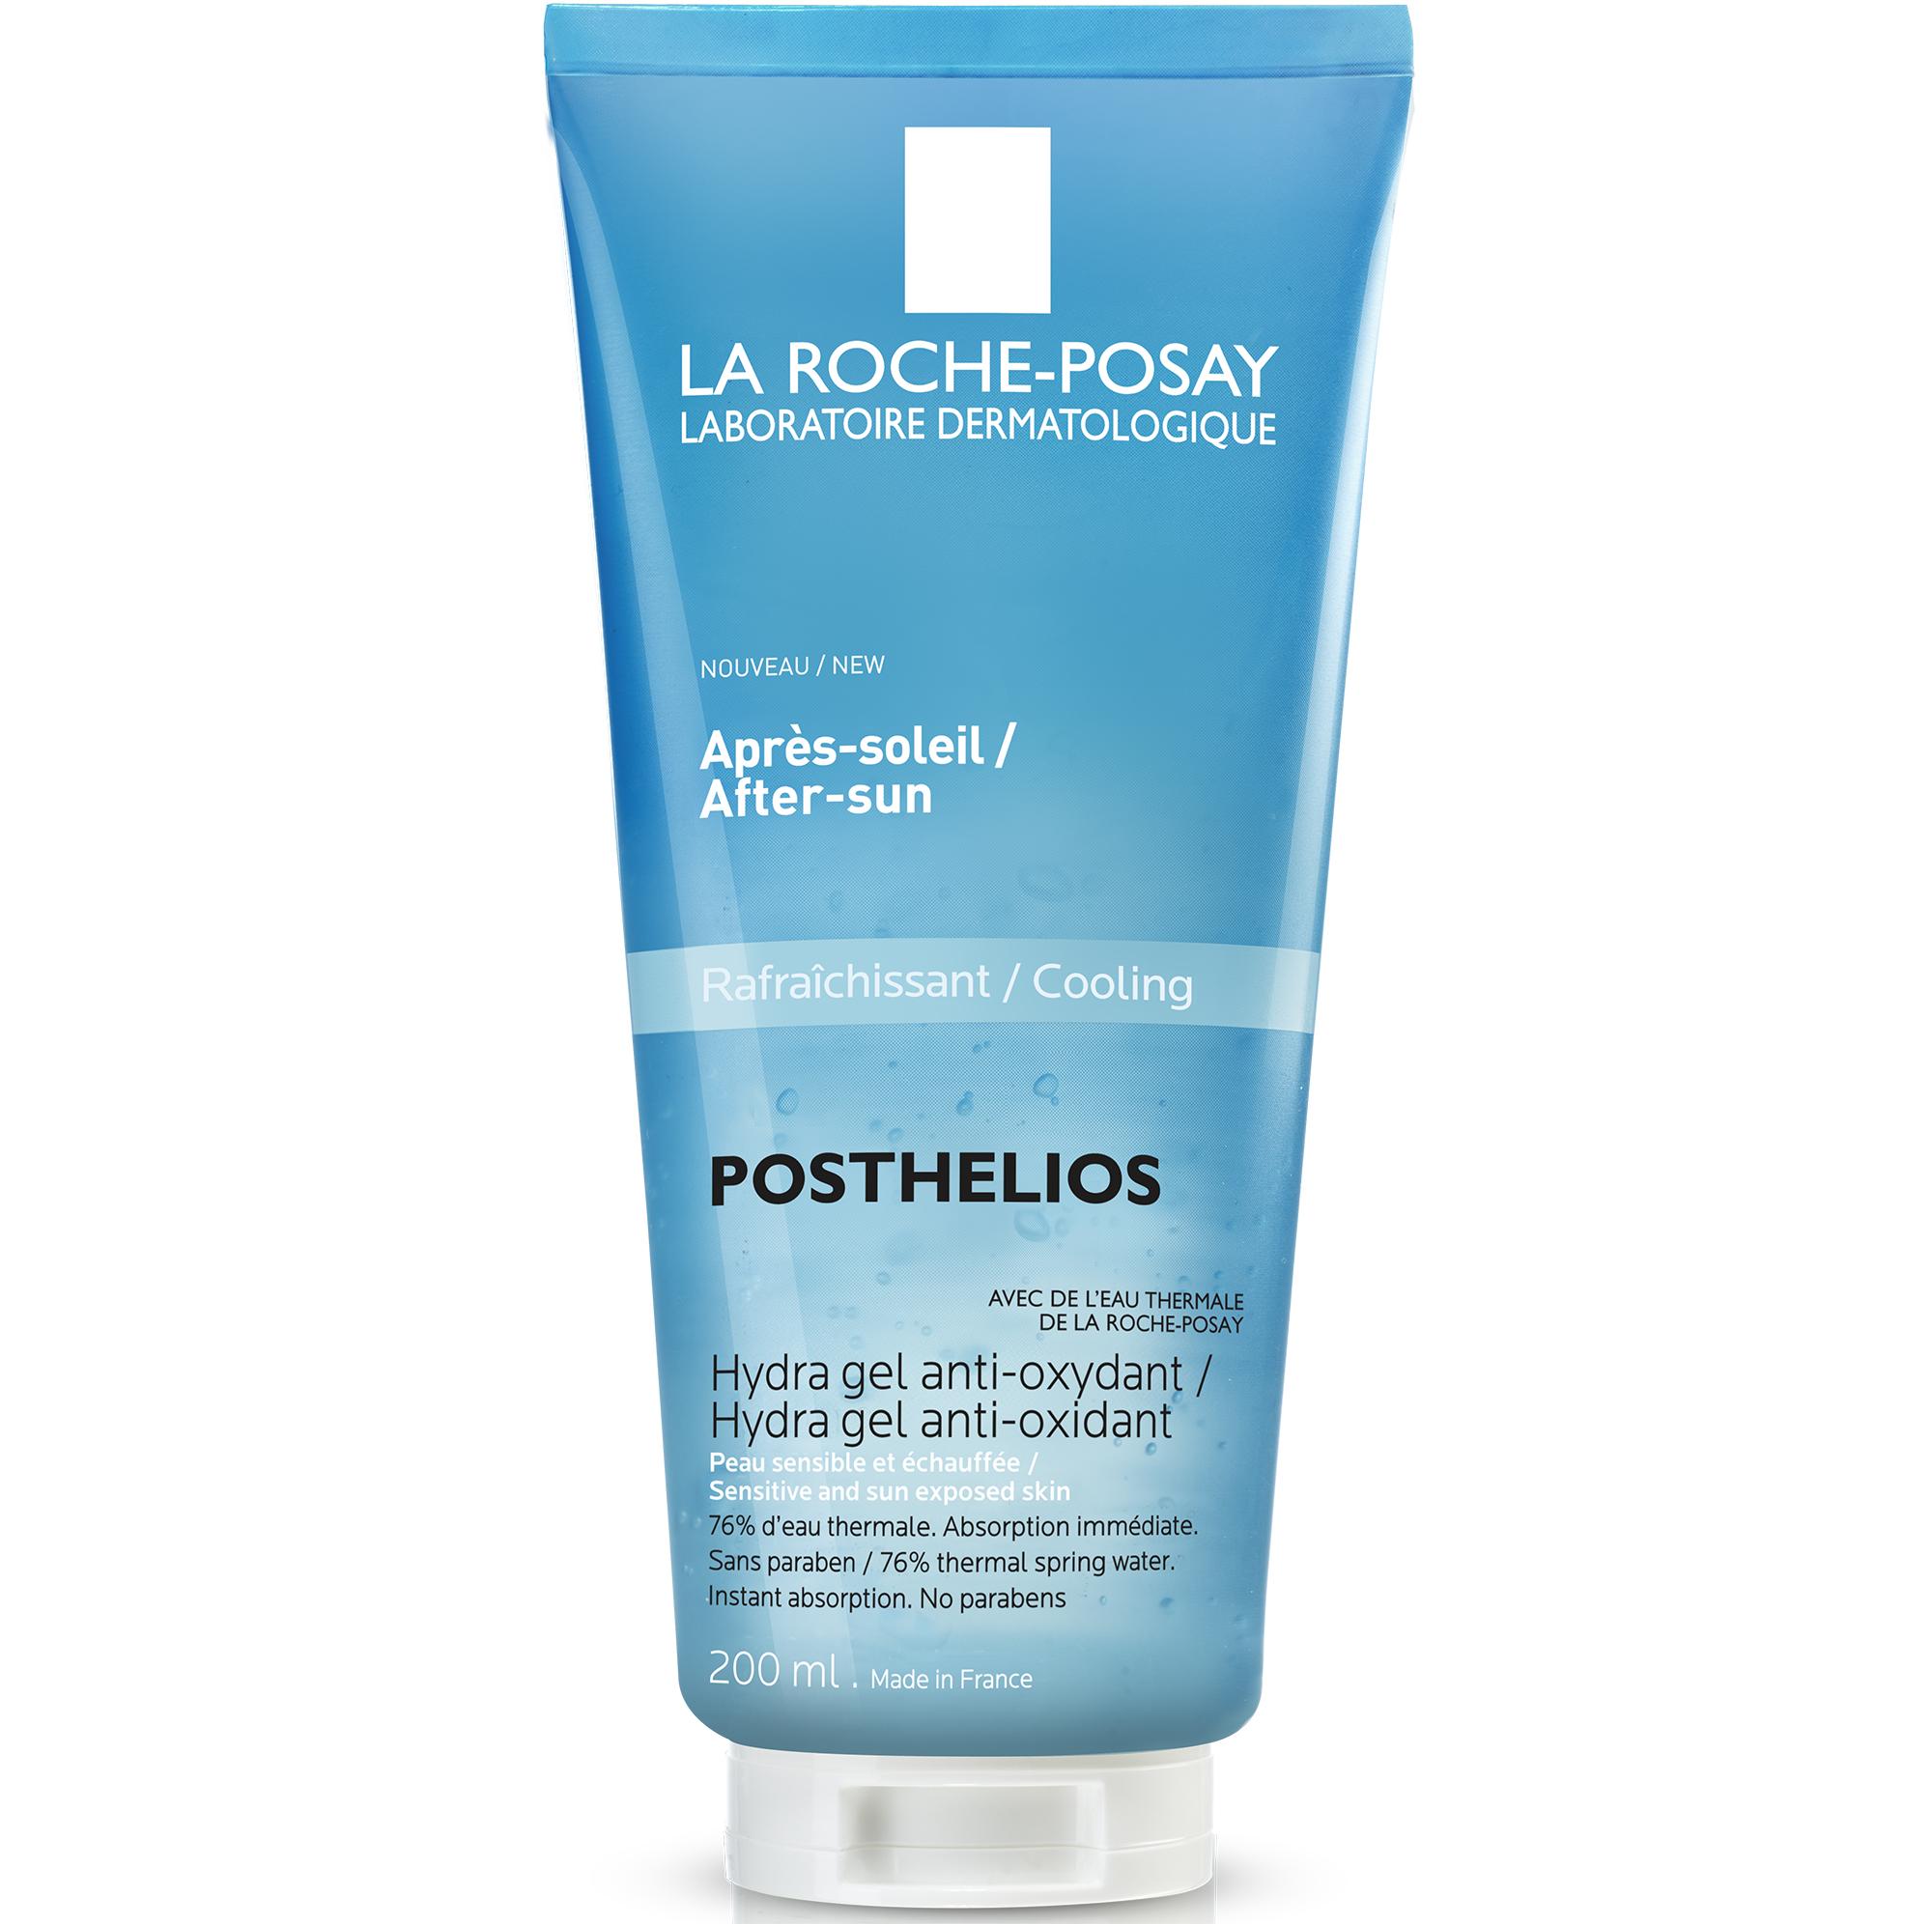 La Roche-Posay Posthelios Δροσιστικό – Καταπραϋντικό Gel για Μετά τον Ήλιο 200ml